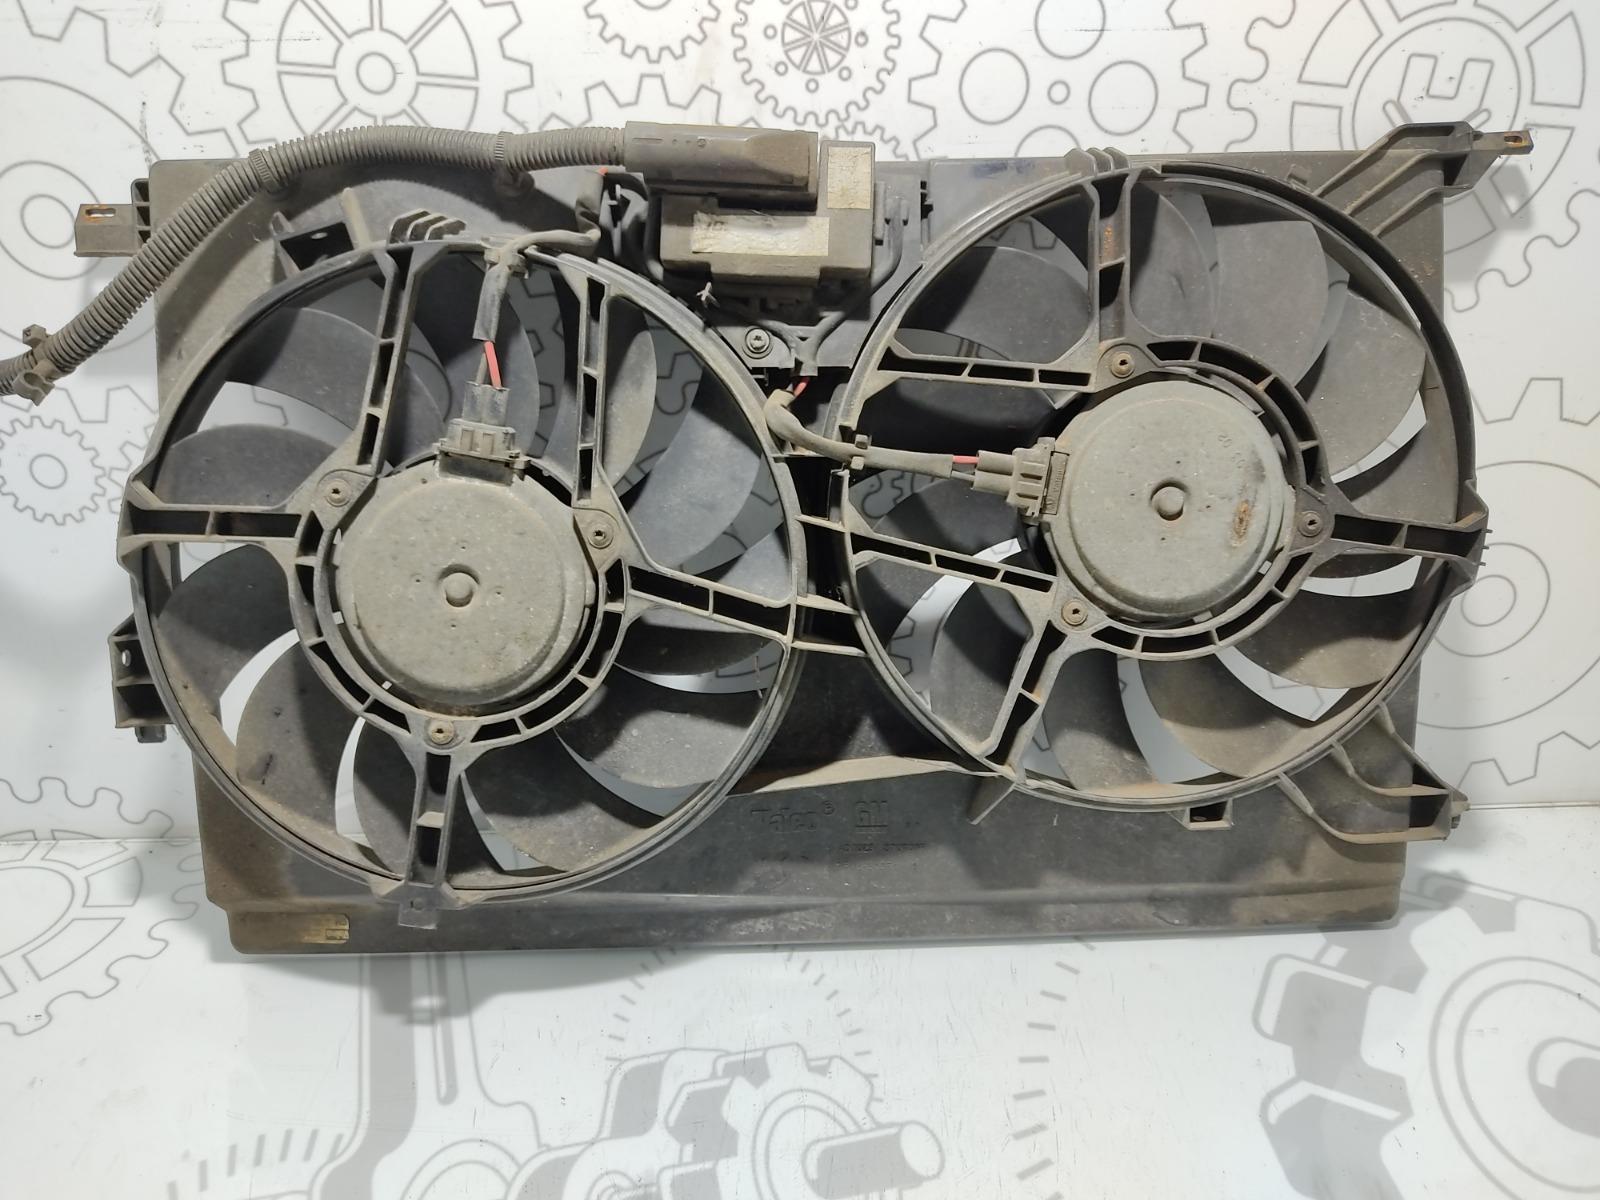 Вентилятор радиатора Opel Vectra C 2.2 I 2002 (б/у)